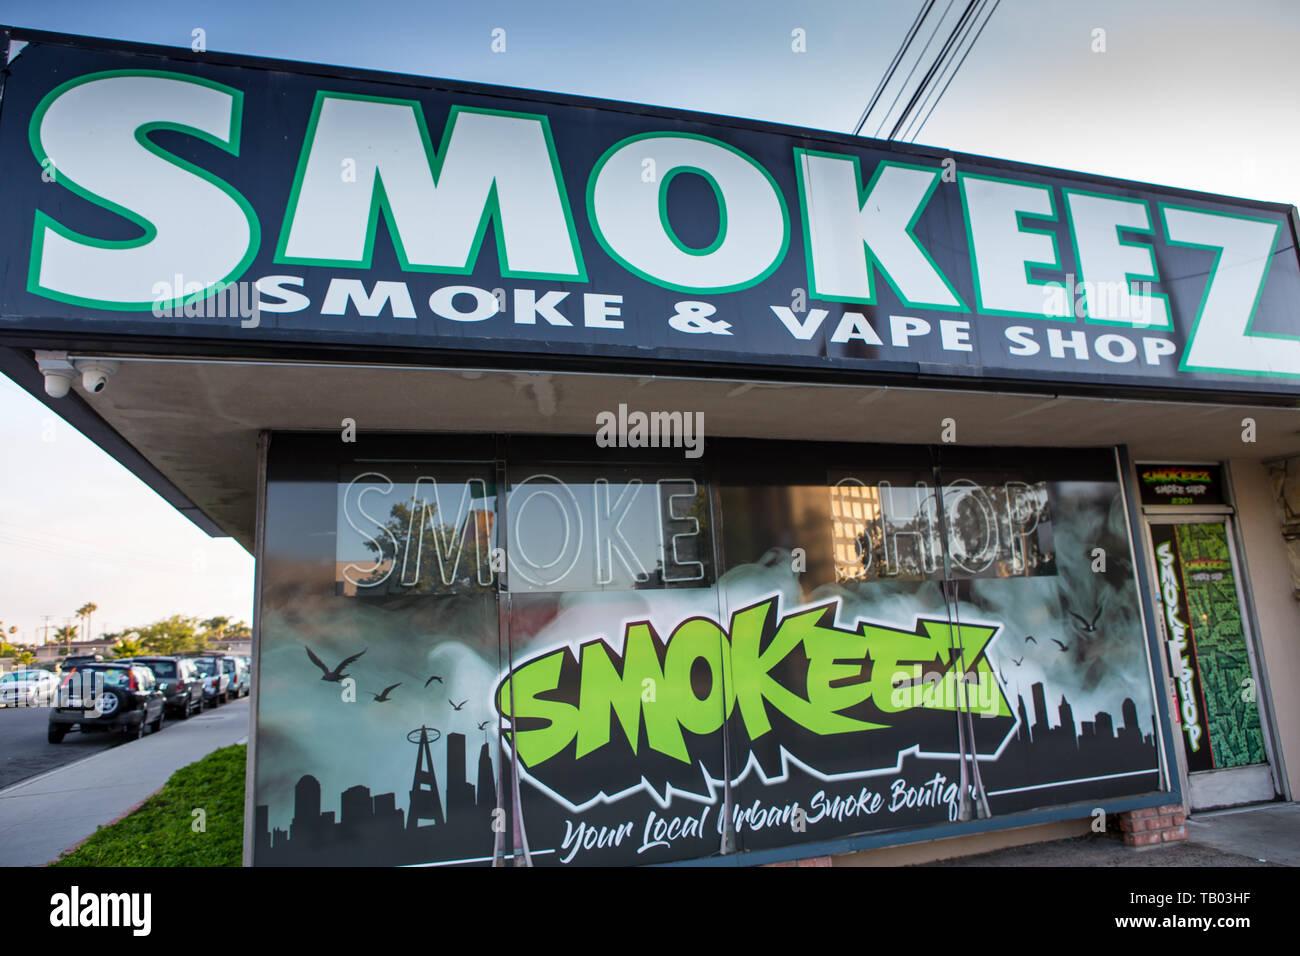 Vape Shop Stock Photos & Vape Shop Stock Images - Alamy